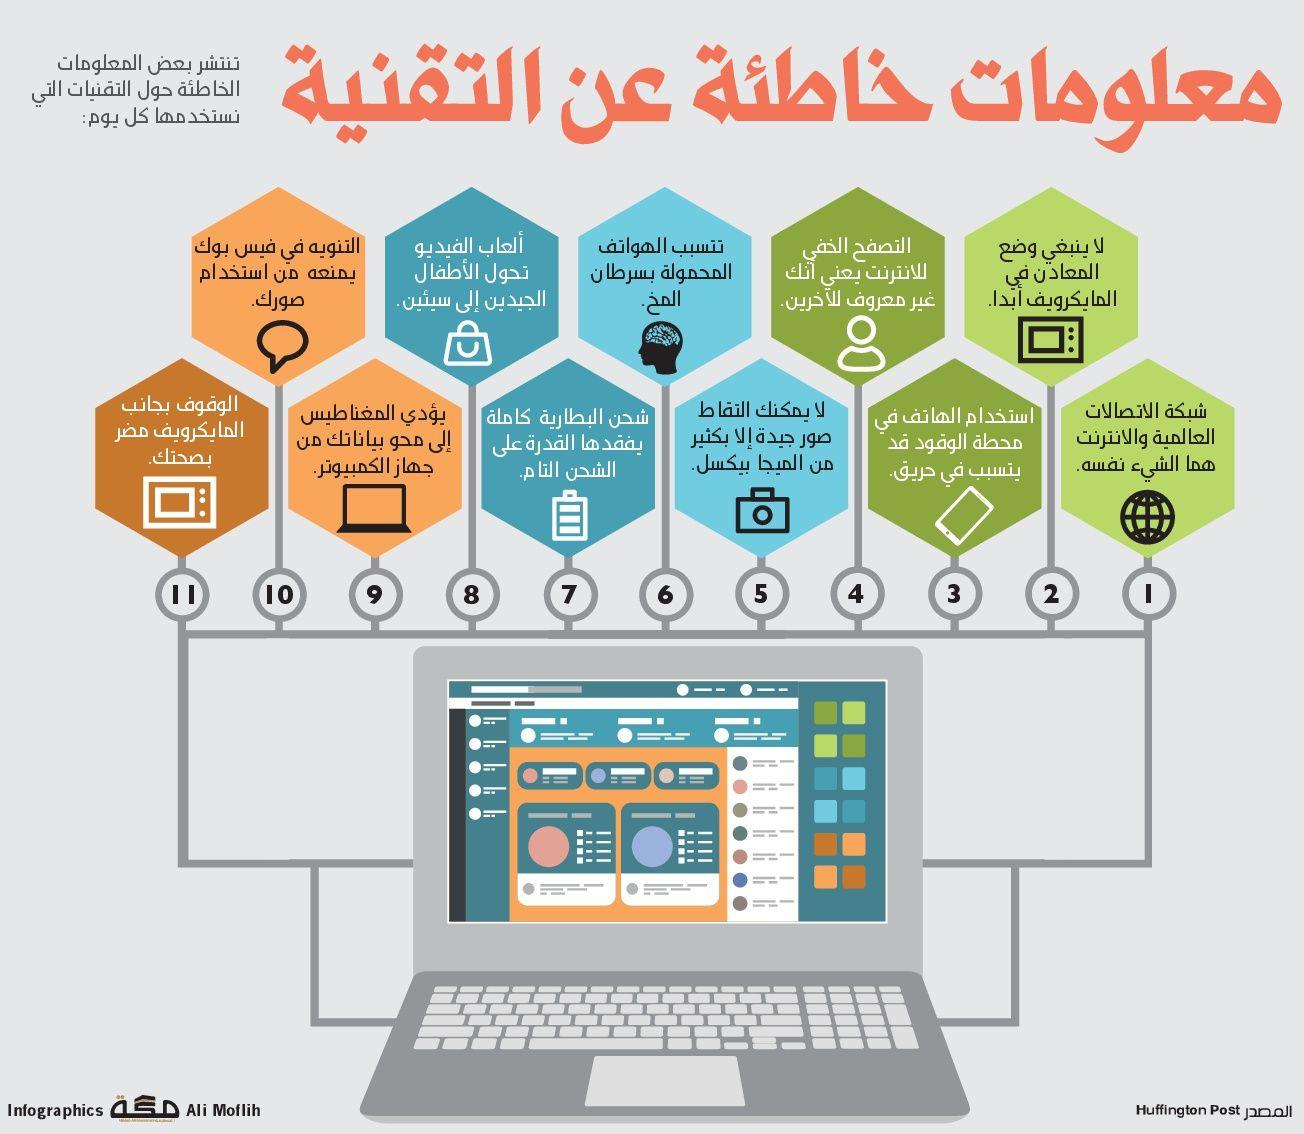 معلومات خاطئة عن التقنية صحيفة مكة انفوجرافيك تقنية Infographic Makkah Periodic Table